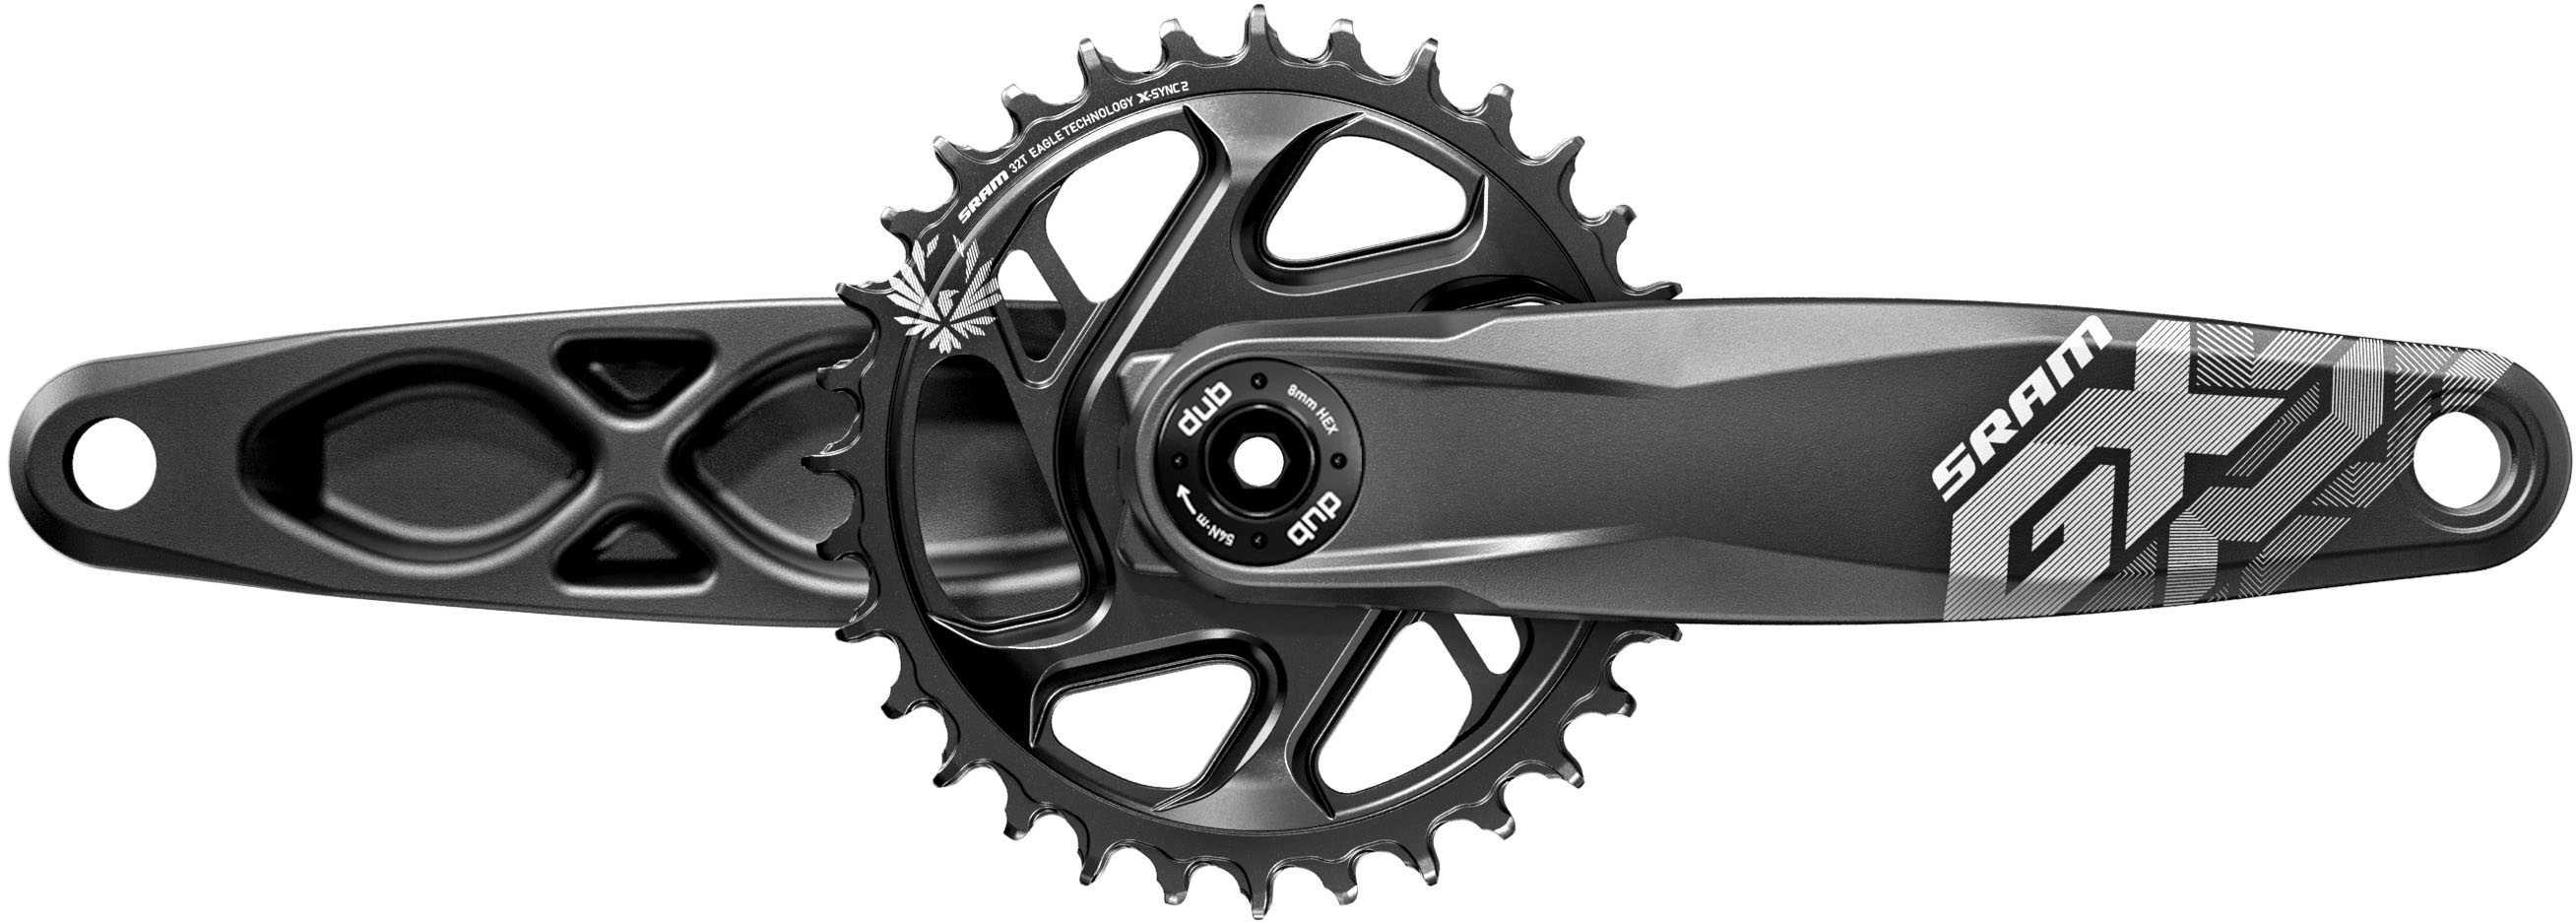 """SRAM Vevparti SRAM GX Eagle Fat Bike 5"""""""" 1 x 12 växlar DUB direct mount 30T 170 mm svart"""